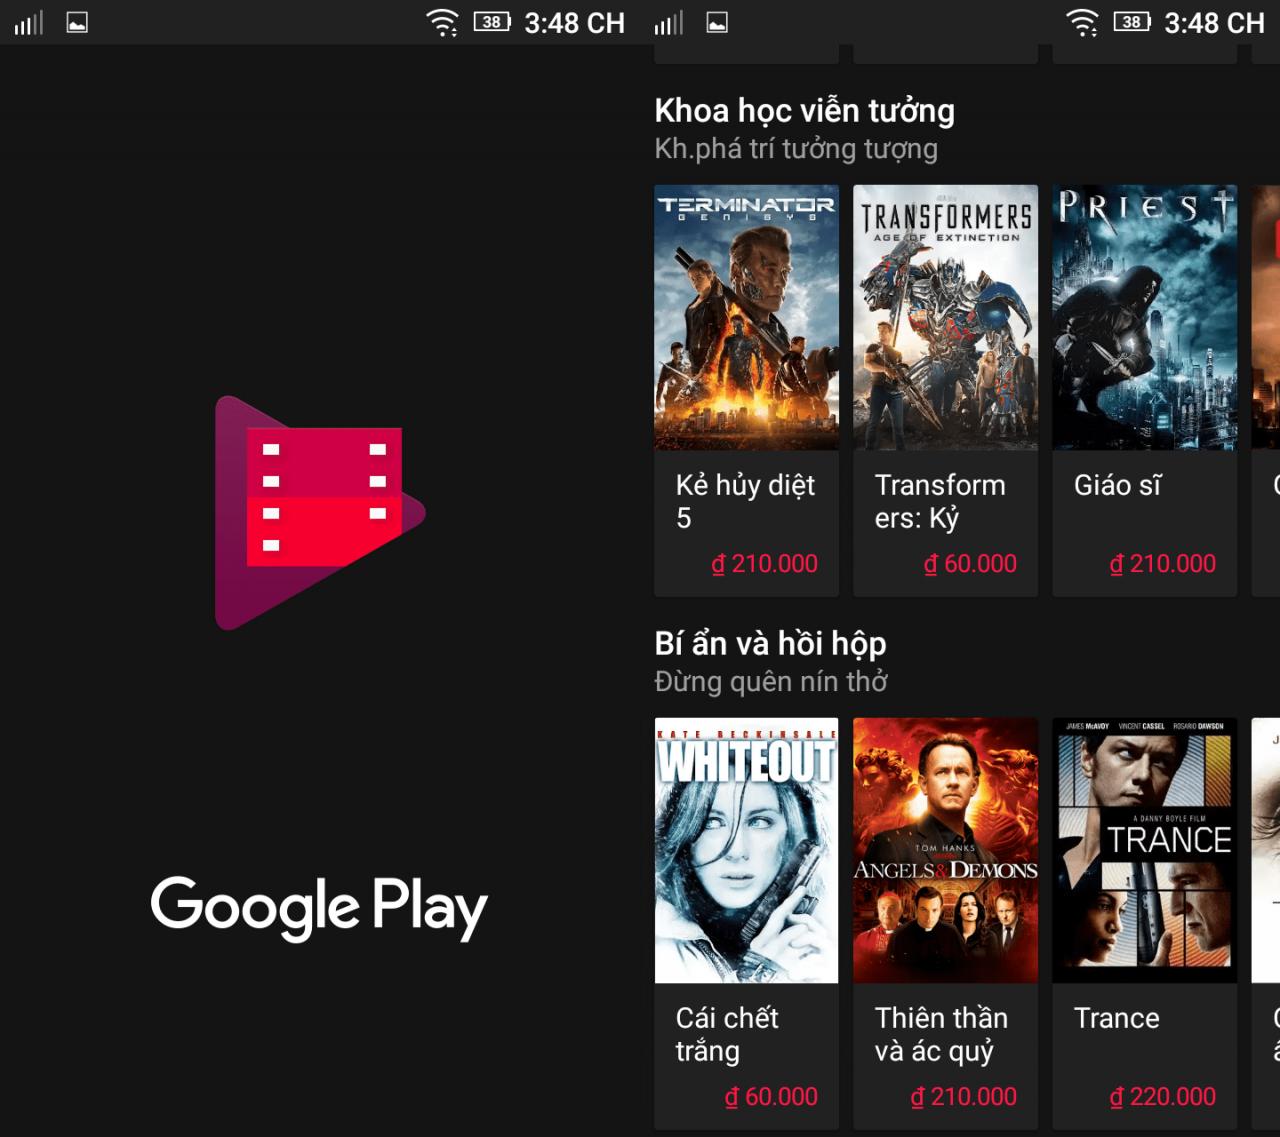 Hình ảnh XjJ9nOe 1 của Tải Google Play Phim - Xem và mua phim giá rẻ trên điện thoại tại HieuMobile